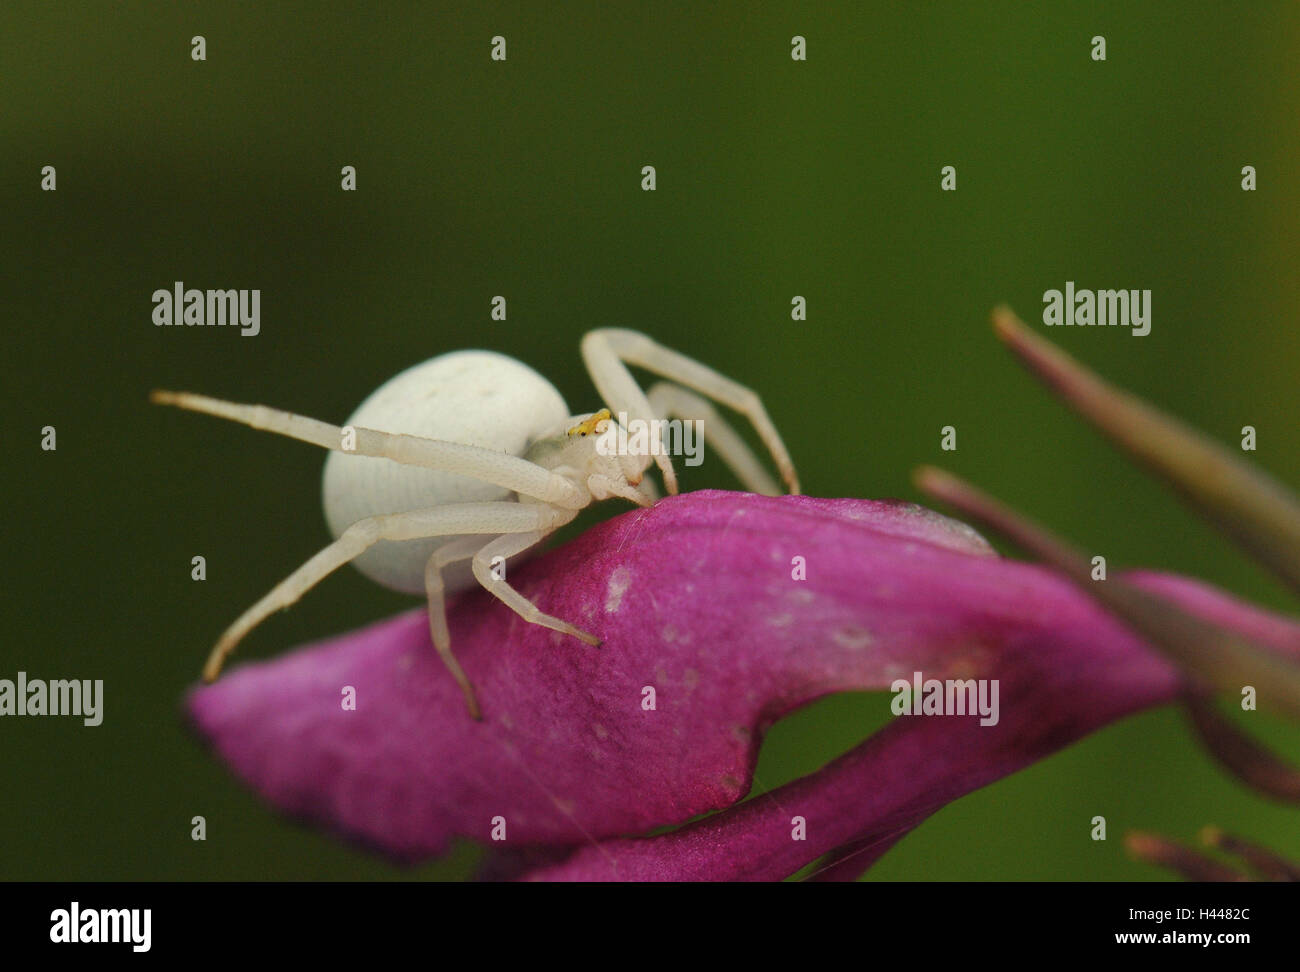 Variabile perno di granchio, bianco, femmine, blossom, malva, Immagini Stock